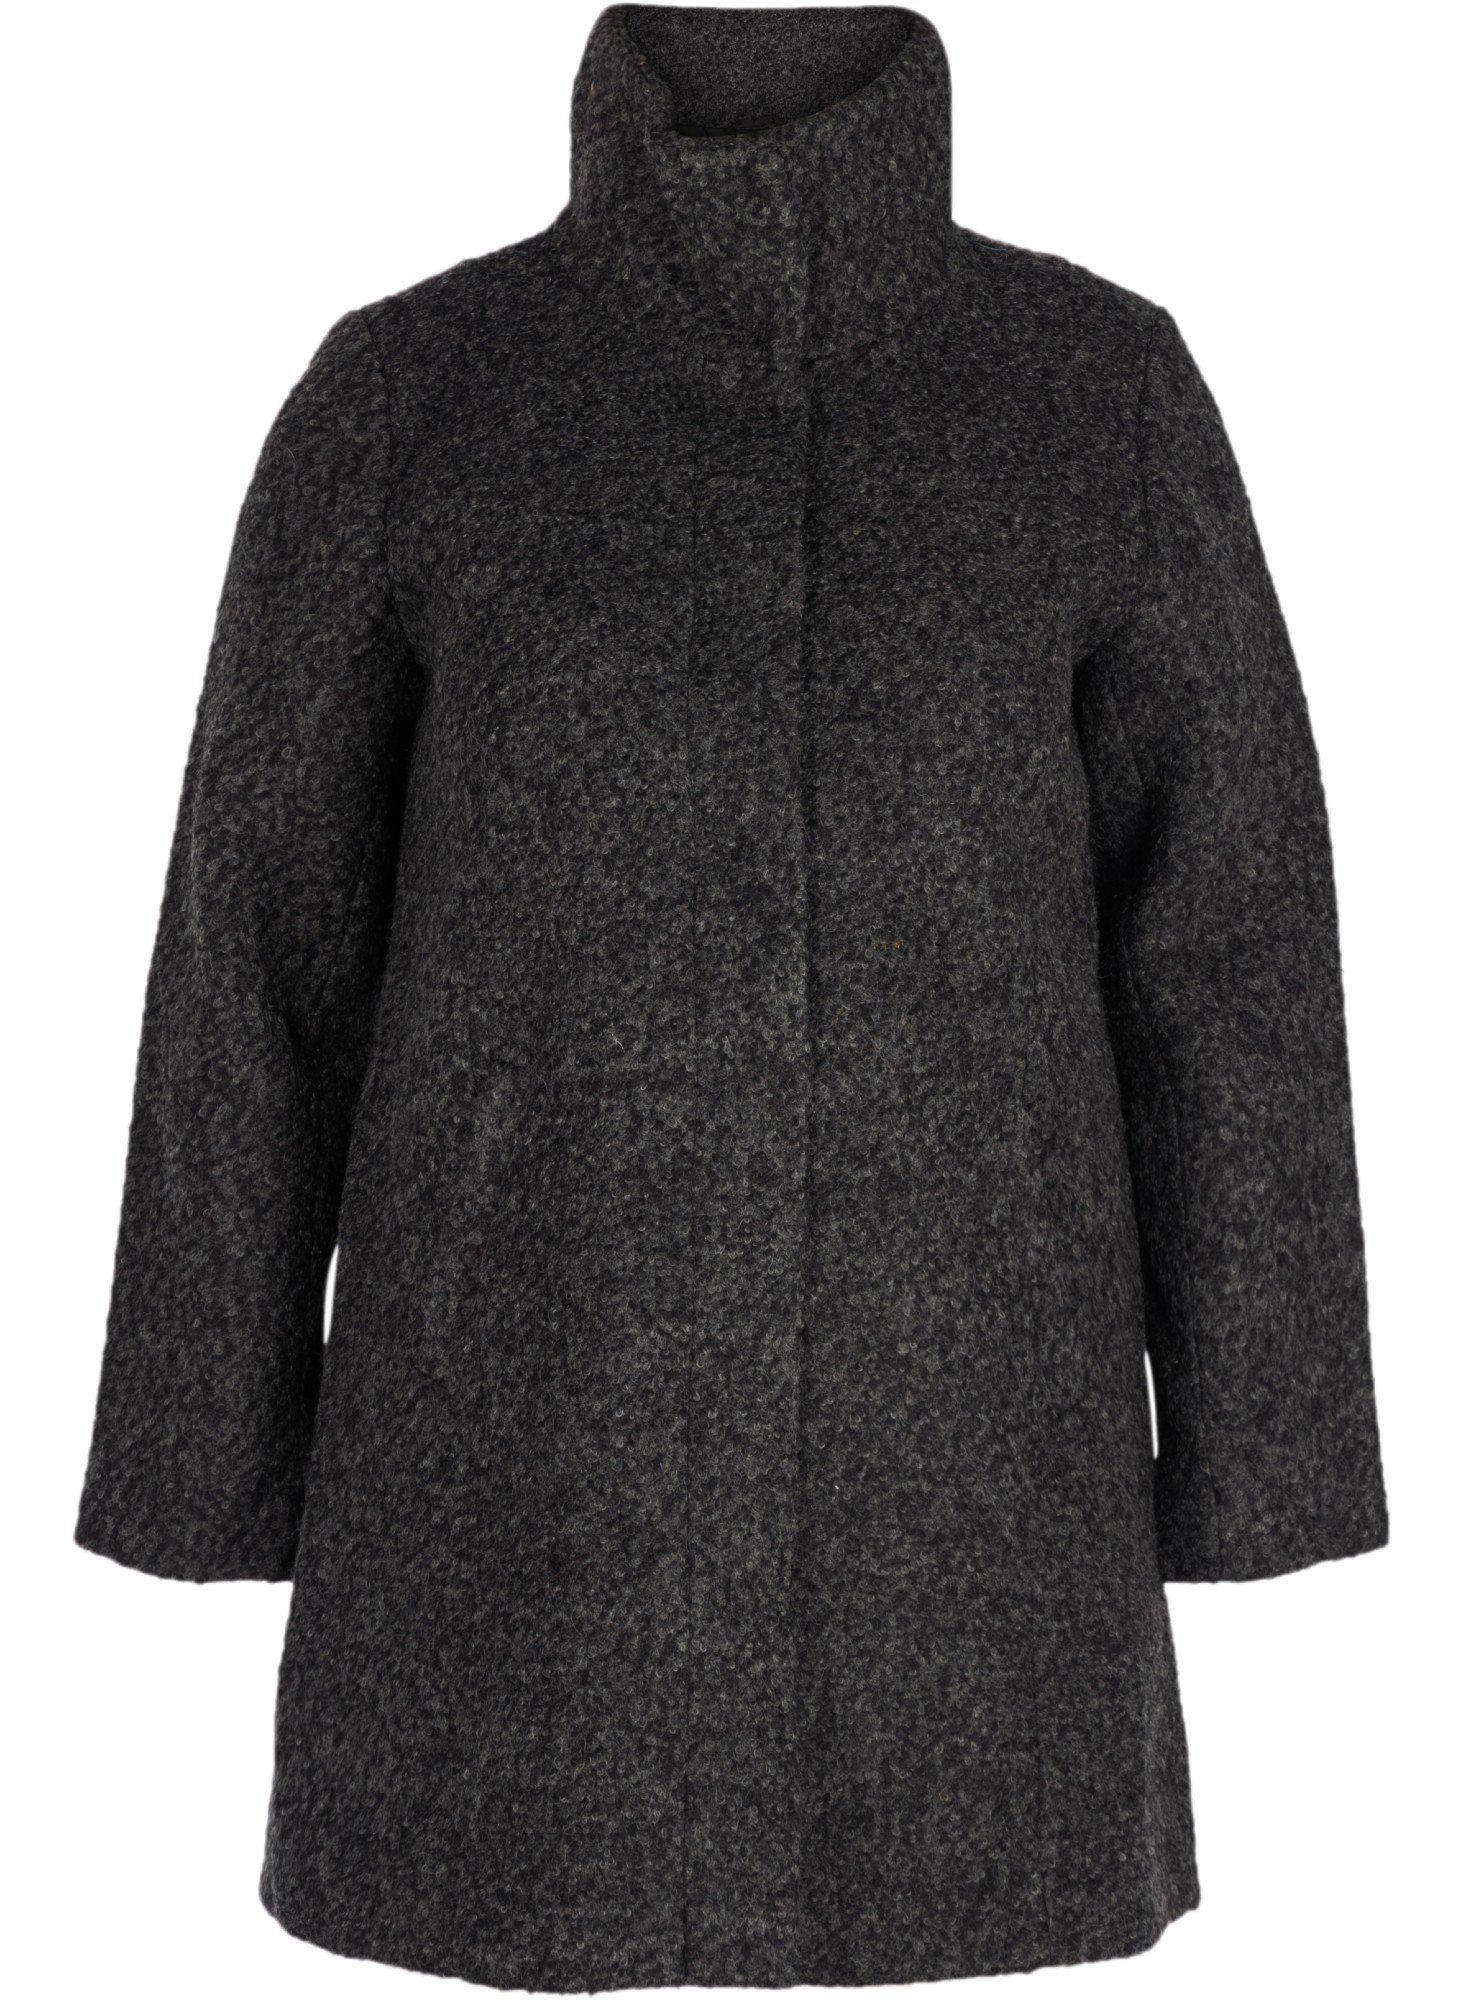 Suche Nach FlüGen Women With Control Krepp Jersey Tunika Ausschnitt Hose Set Elctrc Blau 2 X Neu Hosen Kleidung & Accessoires